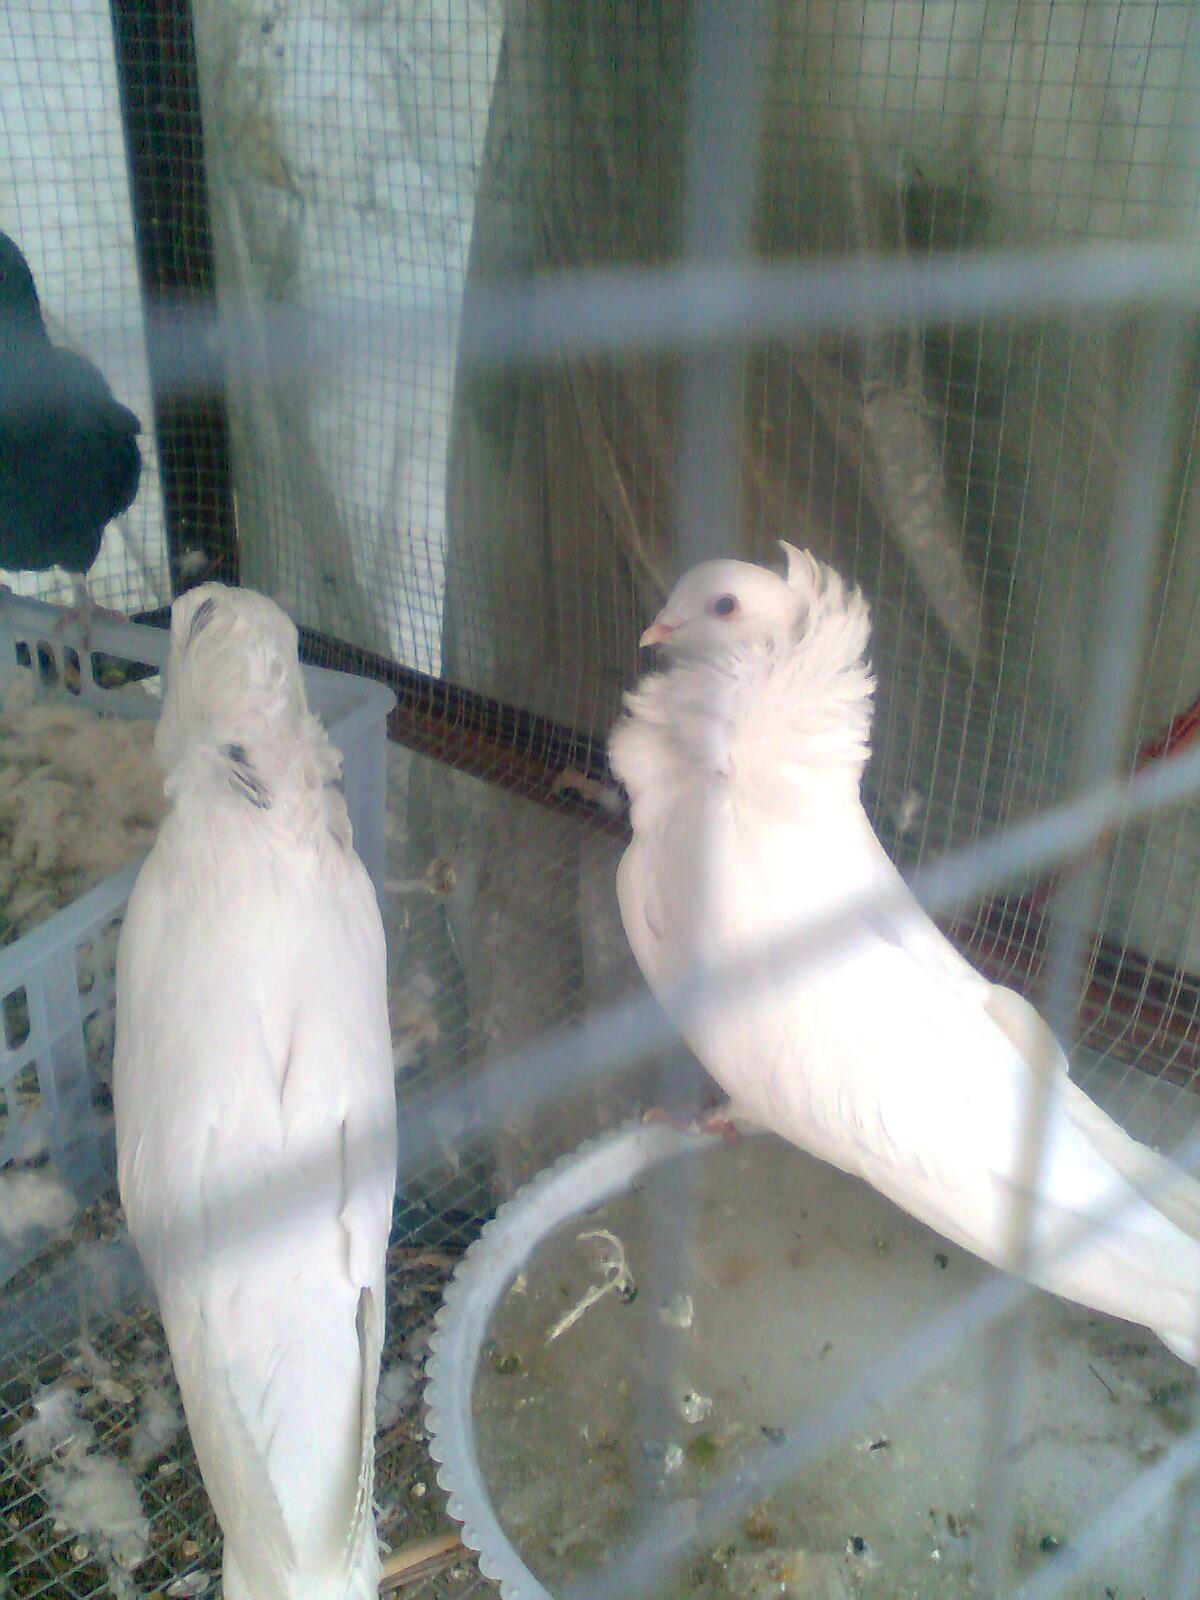 故事鸽鸽子鸟鸟类1200_1600竖版竖屏老虎动物桔子图片